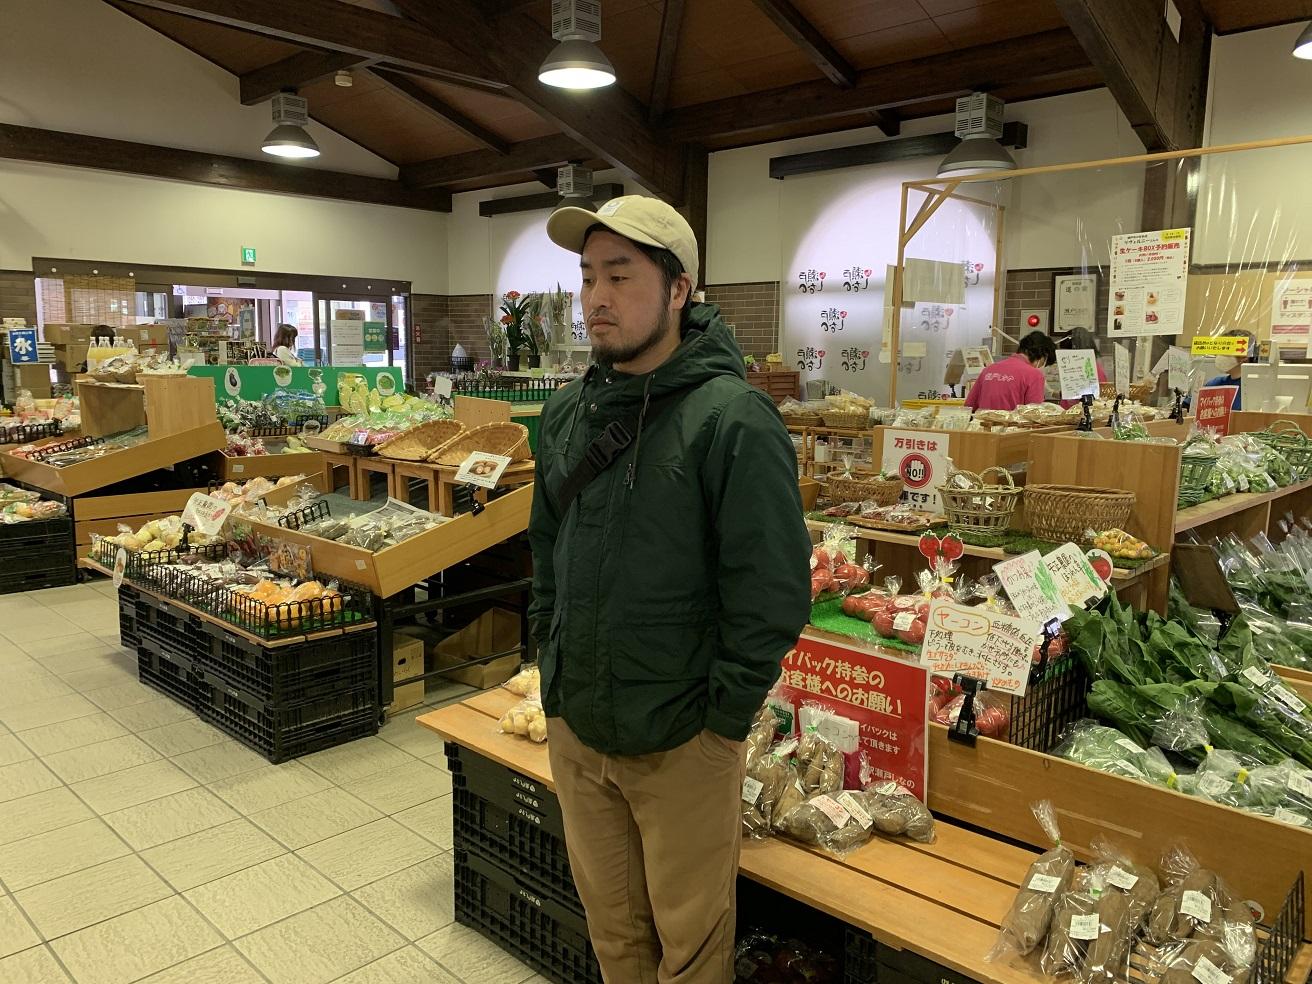 食品まつり a.k.a foodmanがハイパーダブ(Hyperdub)と契約、新作『Yasuragi Land』を7月にリリース